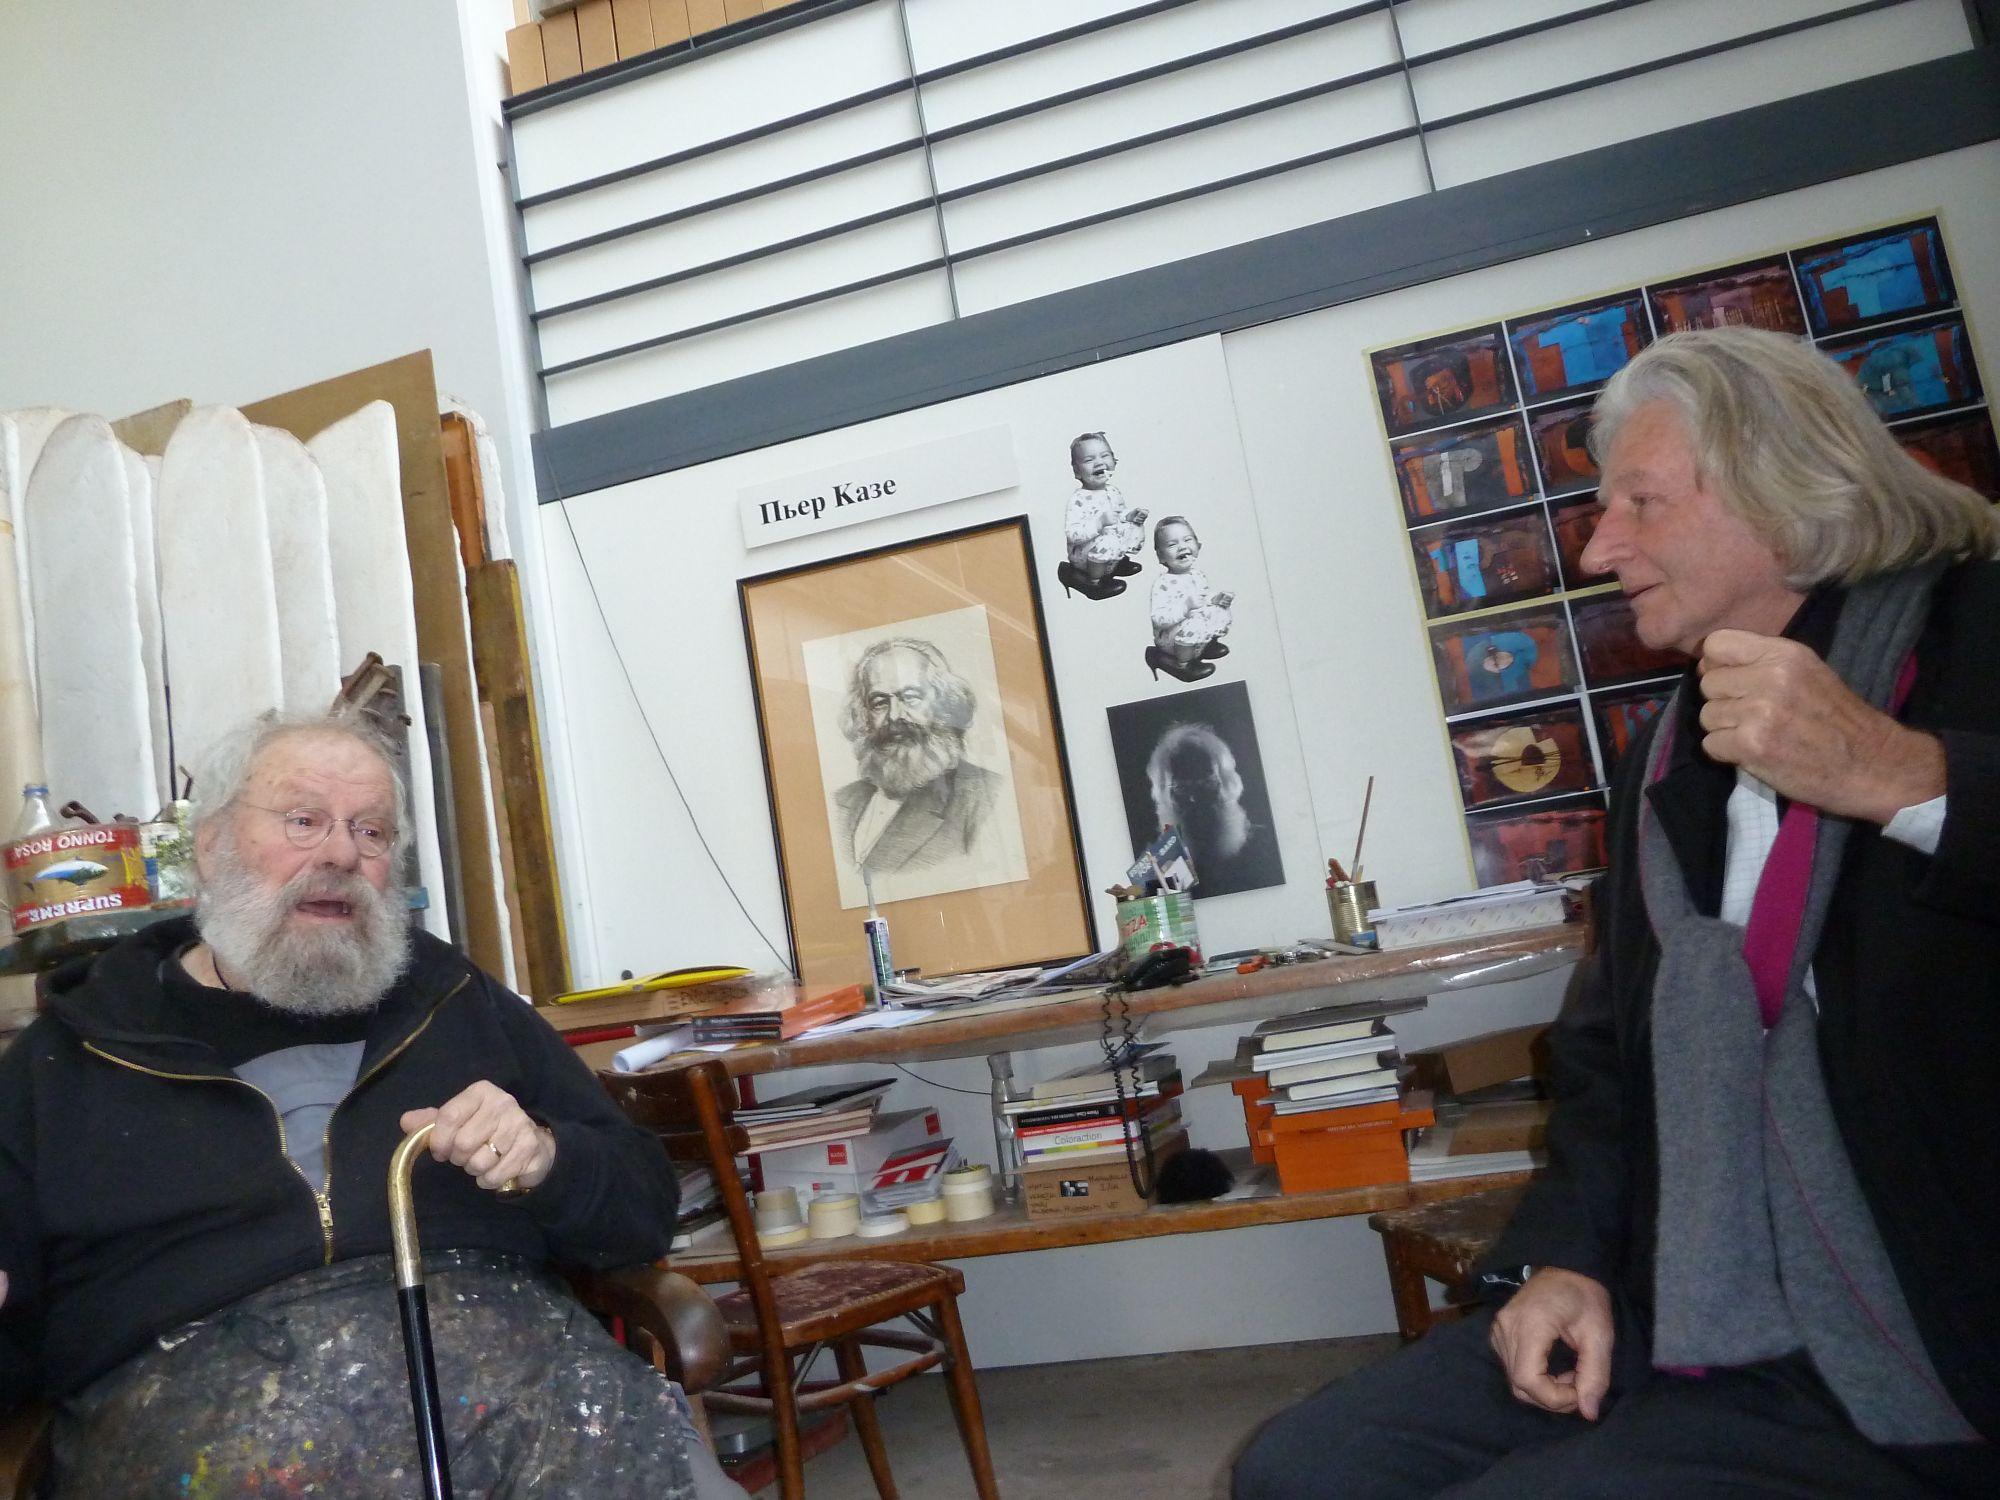 Nello Studio dell'artista a Maggia - 18 novembre 2012